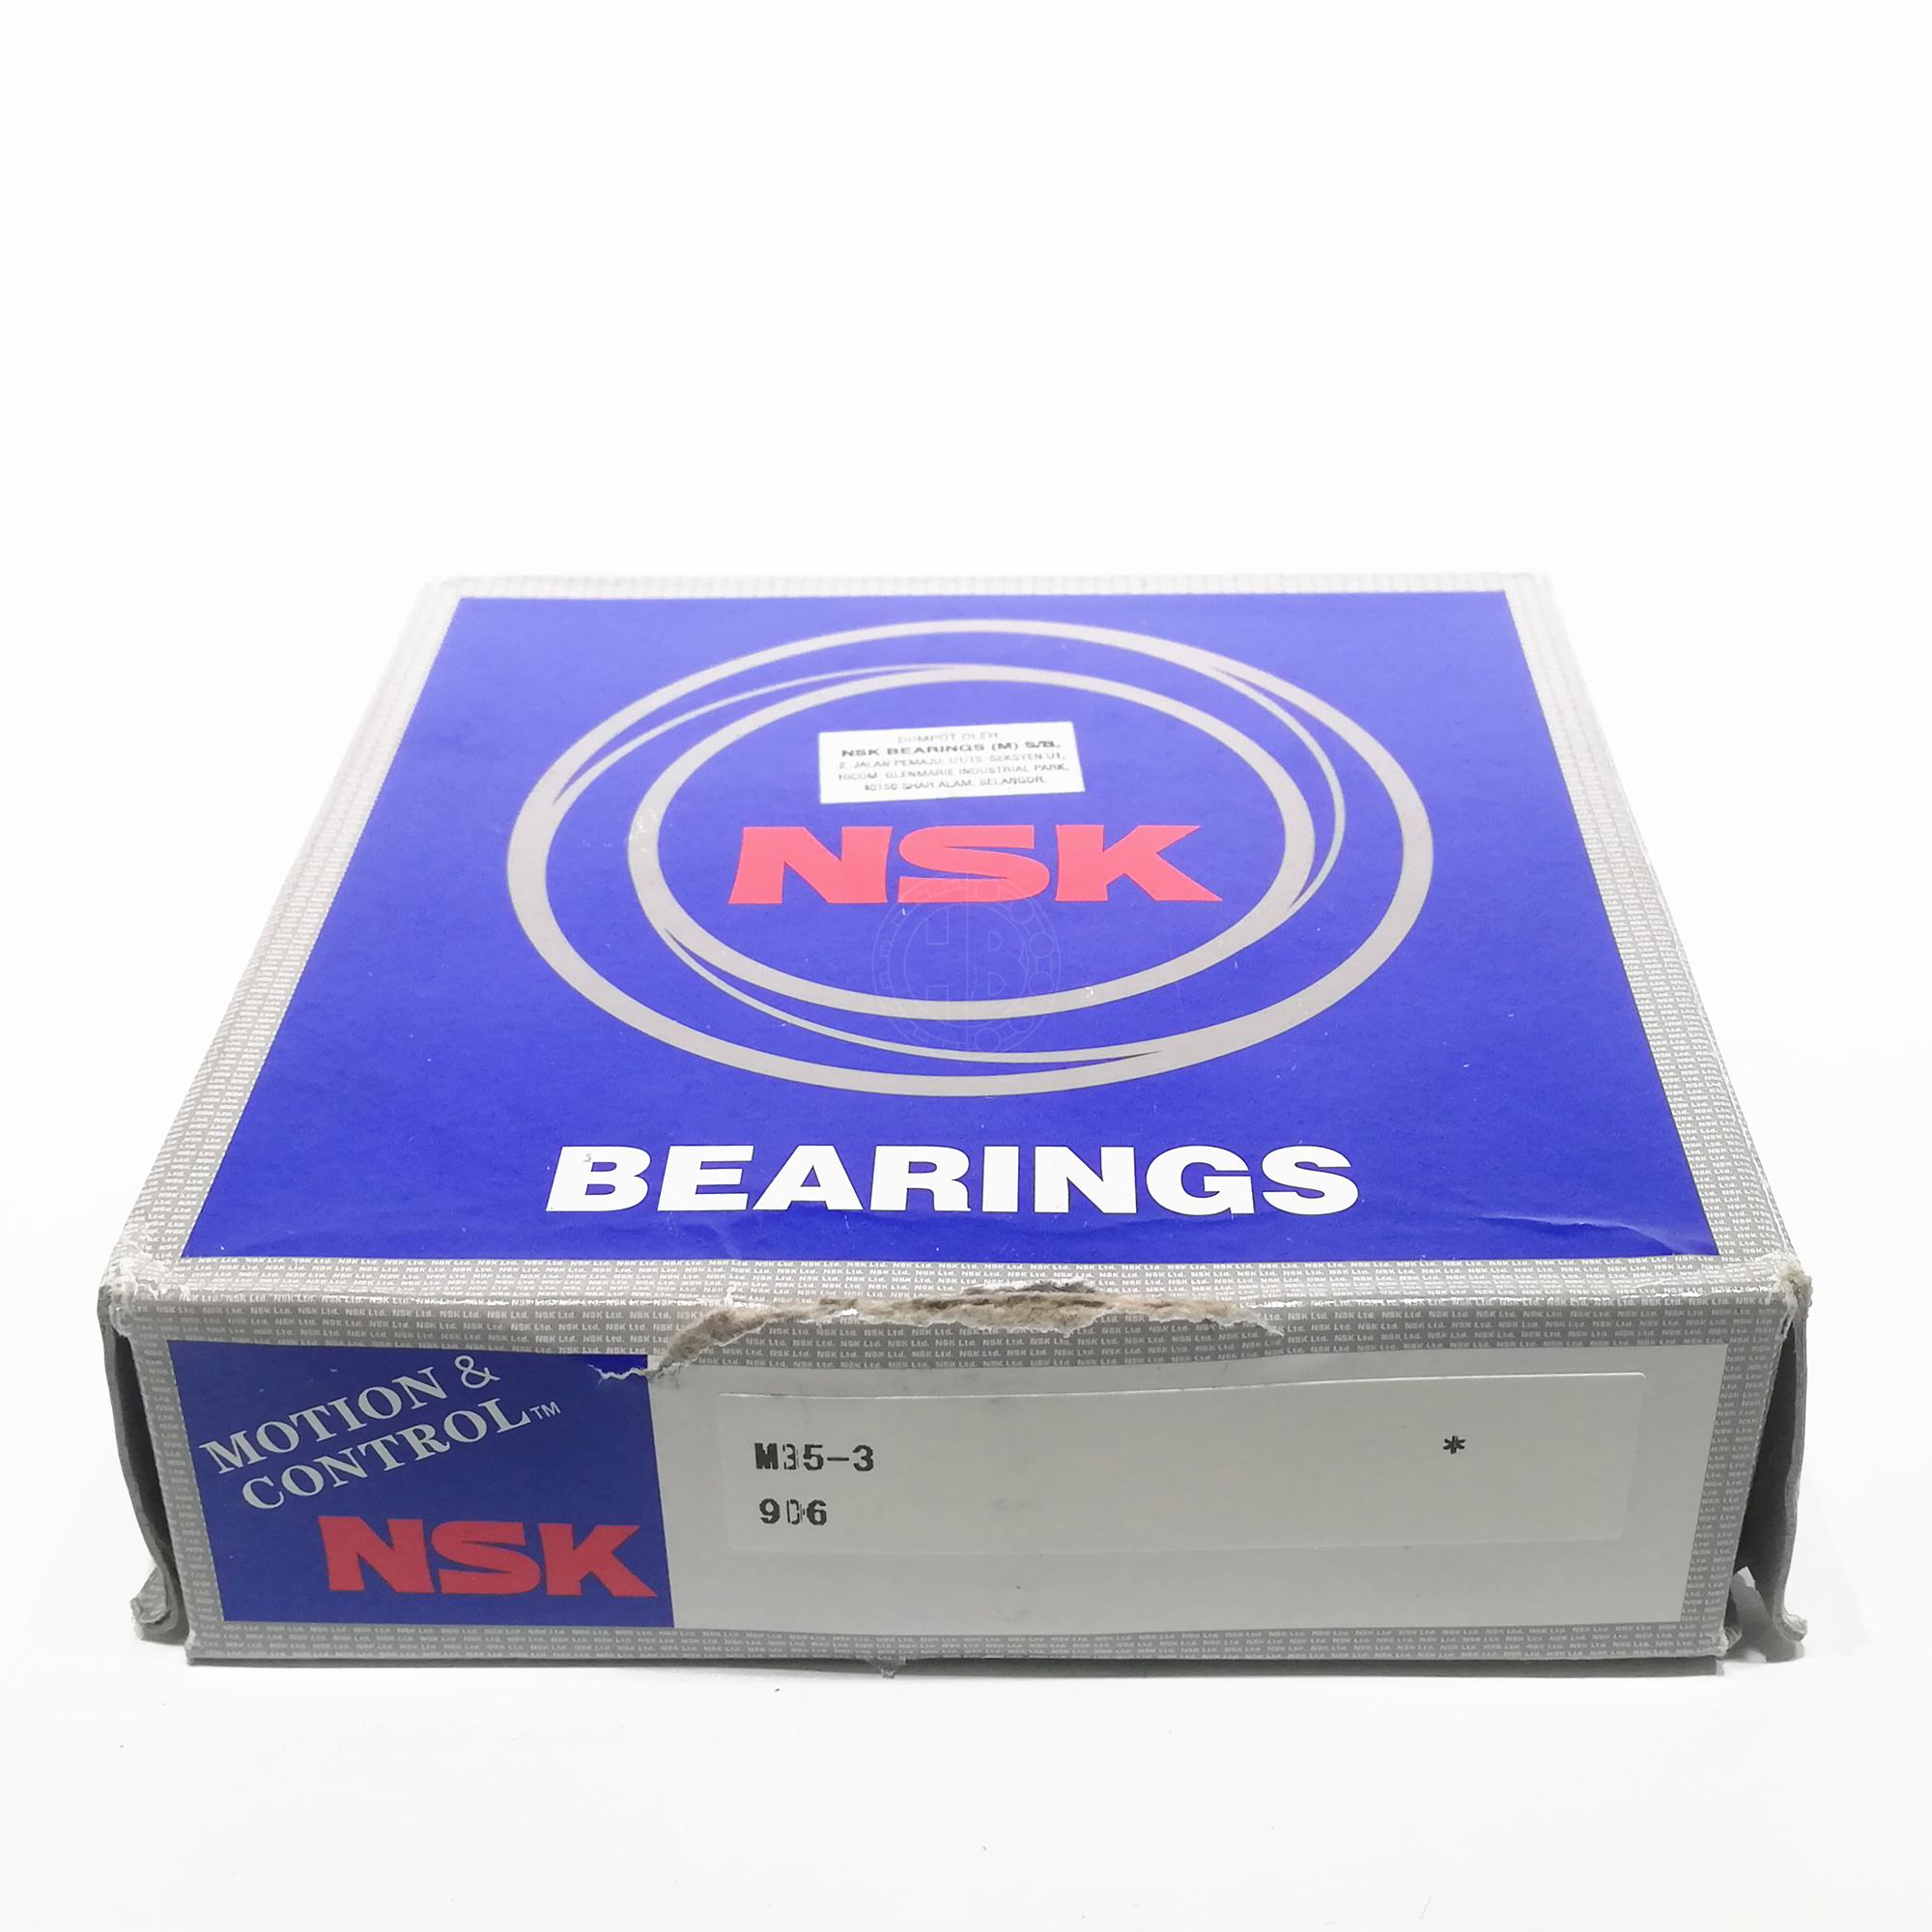 Nsk Gear Box Bearings M35-3 35x95x27